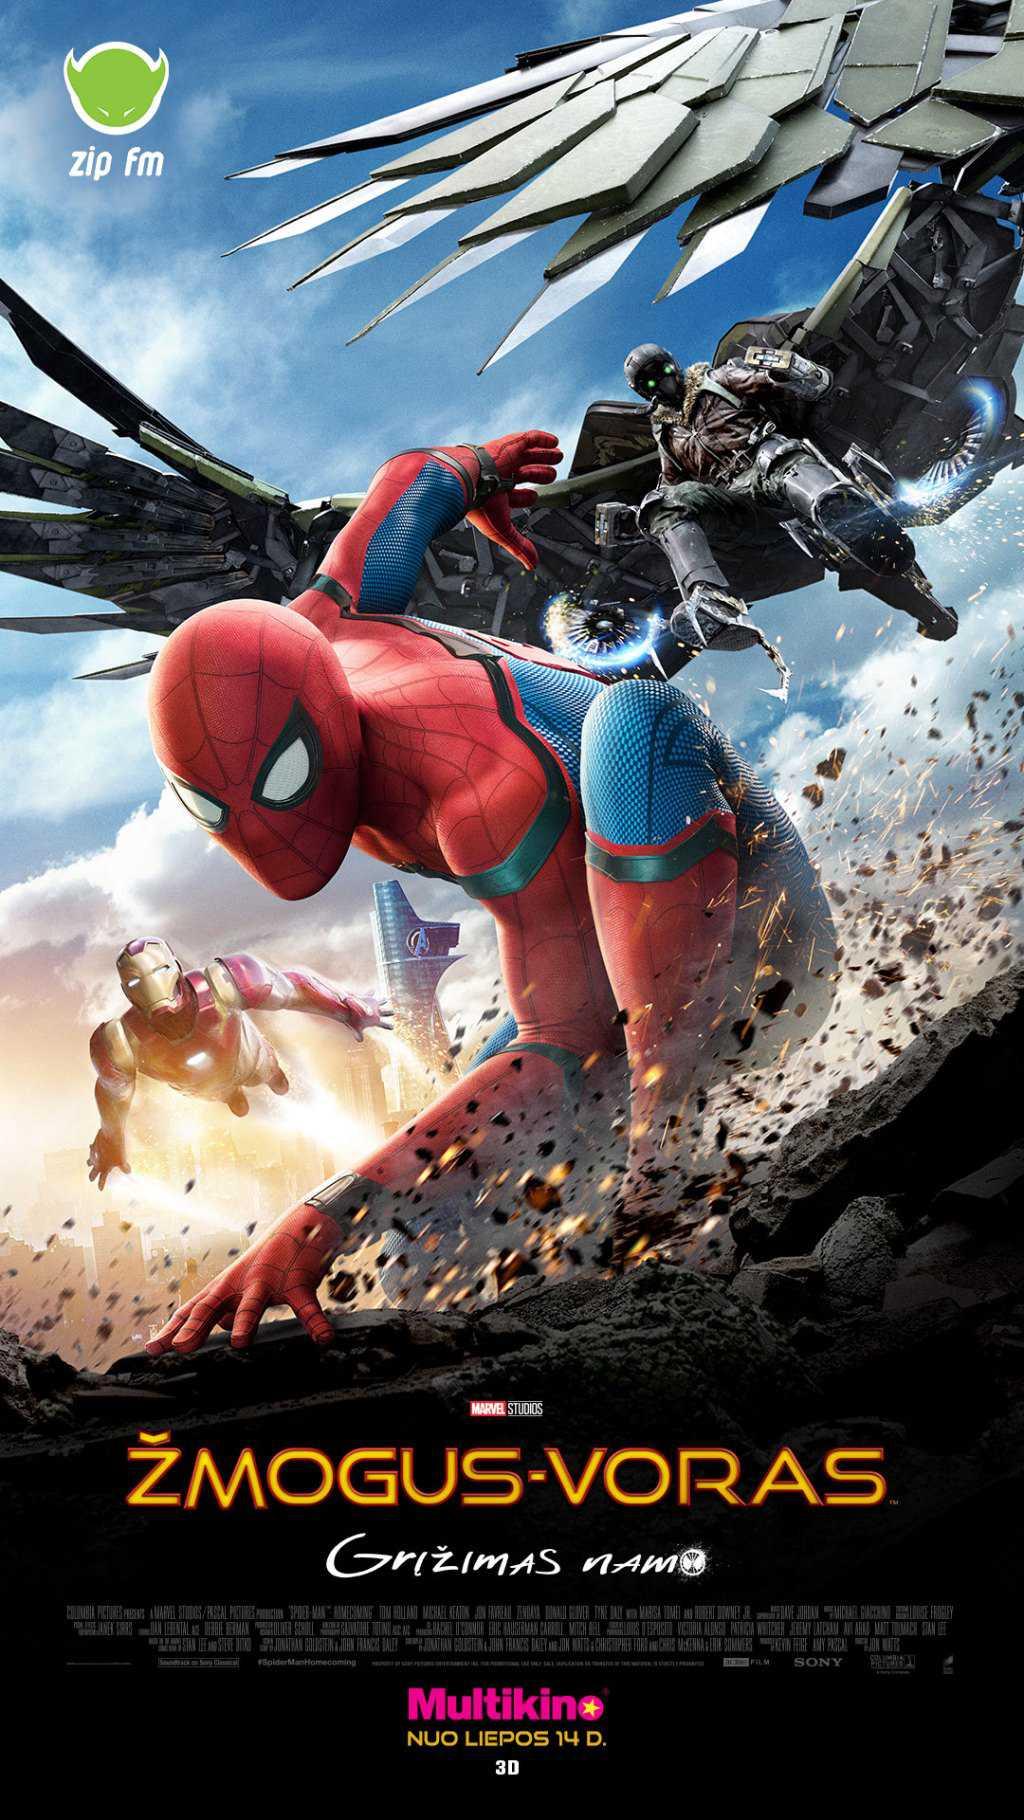 Žmogus-voras: grįžimas namo (Spiderman: Homecoming)